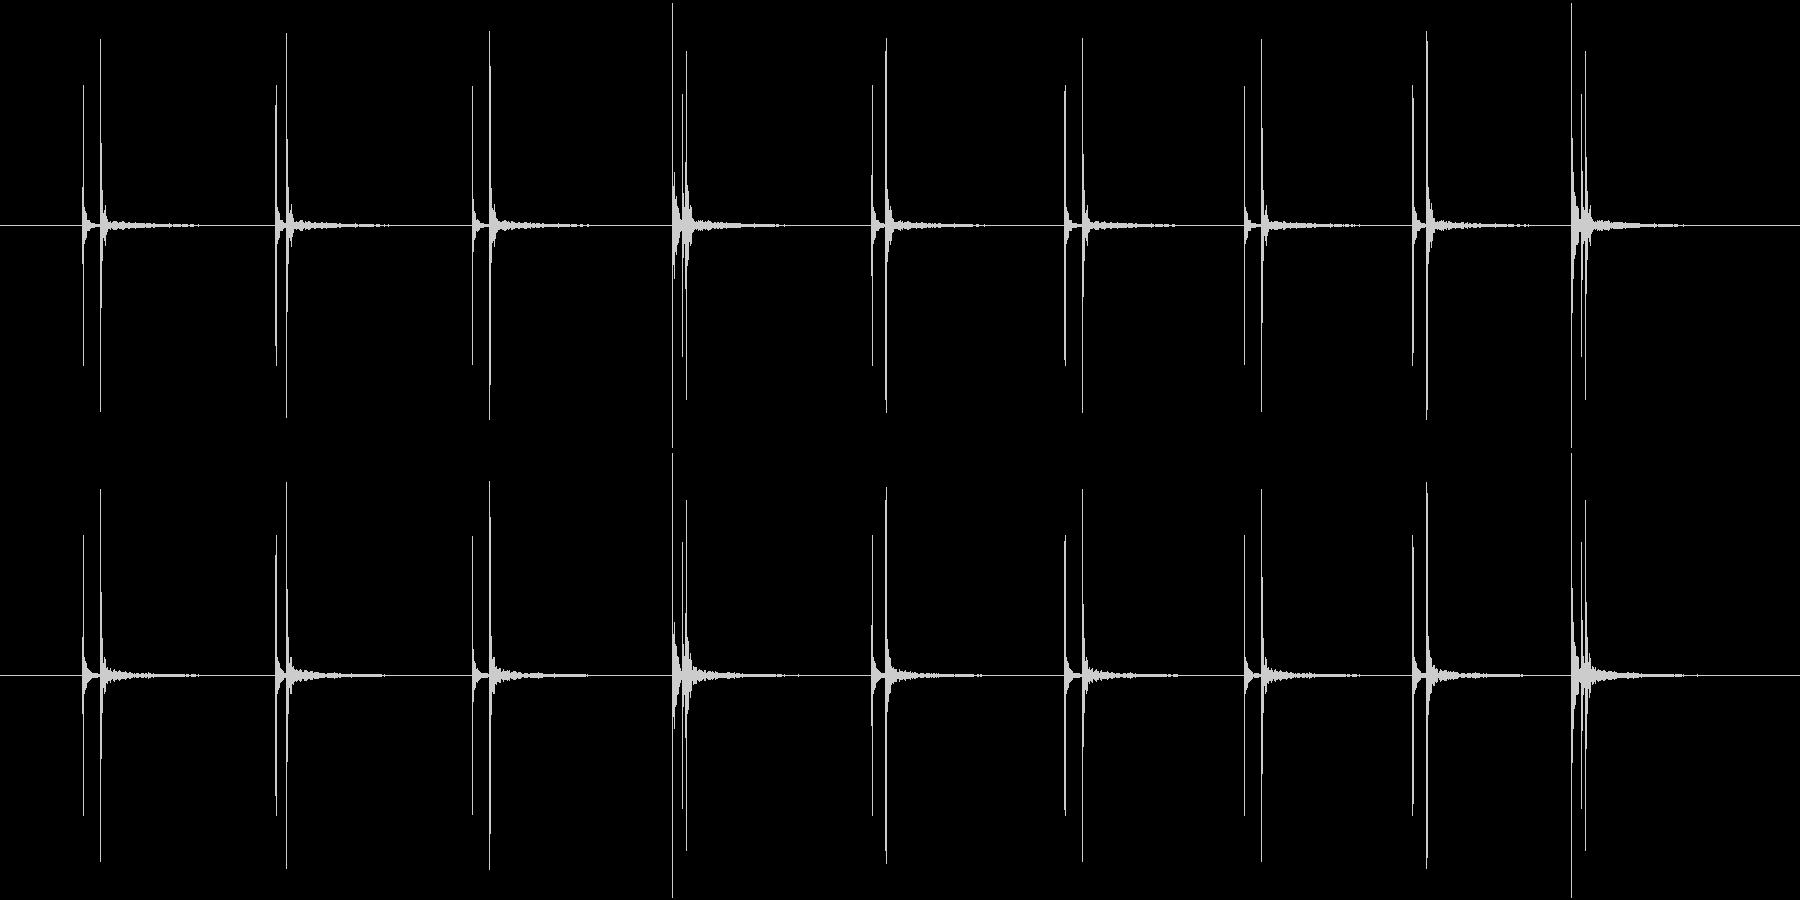 水滴が落ちる音(ループ素材)の未再生の波形